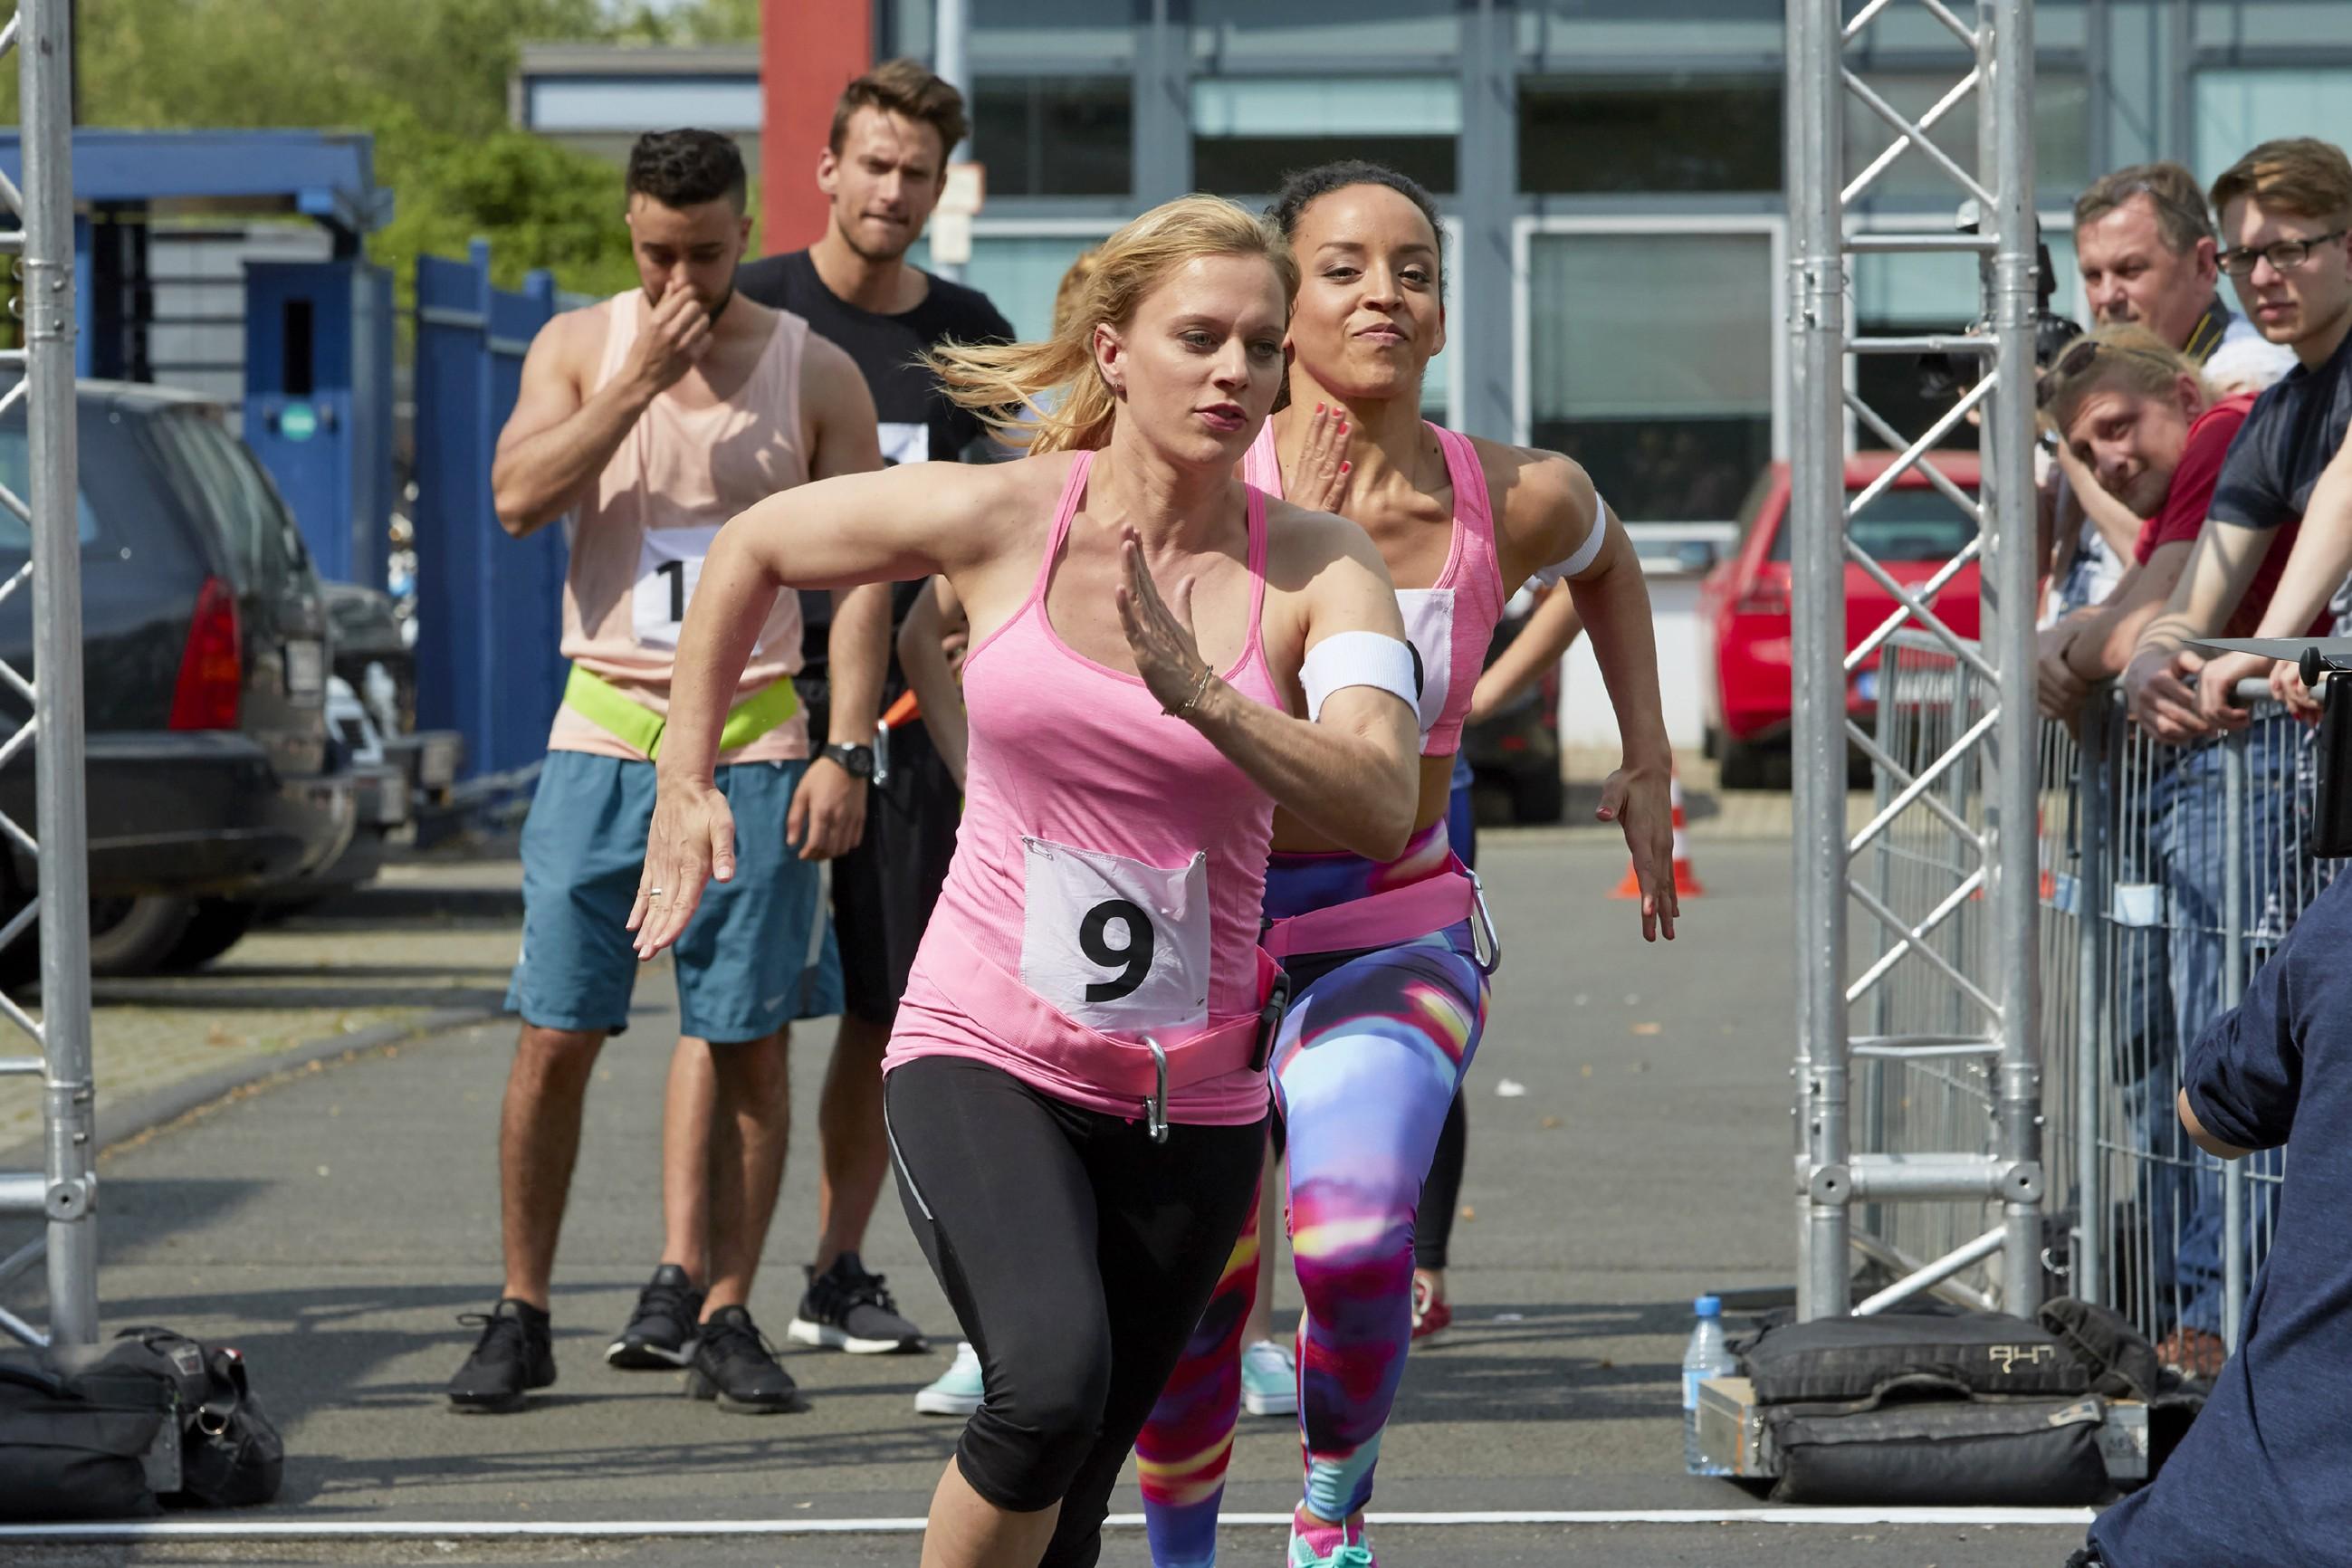 Lena (Juliette Greco, vorne) hat bei dem Lauf die Nase vor, doch Janaina (Andrea Sanchez del Solar) ist ihr dicht auf den Fersen. (Quelle: RTL / Guido Engels)